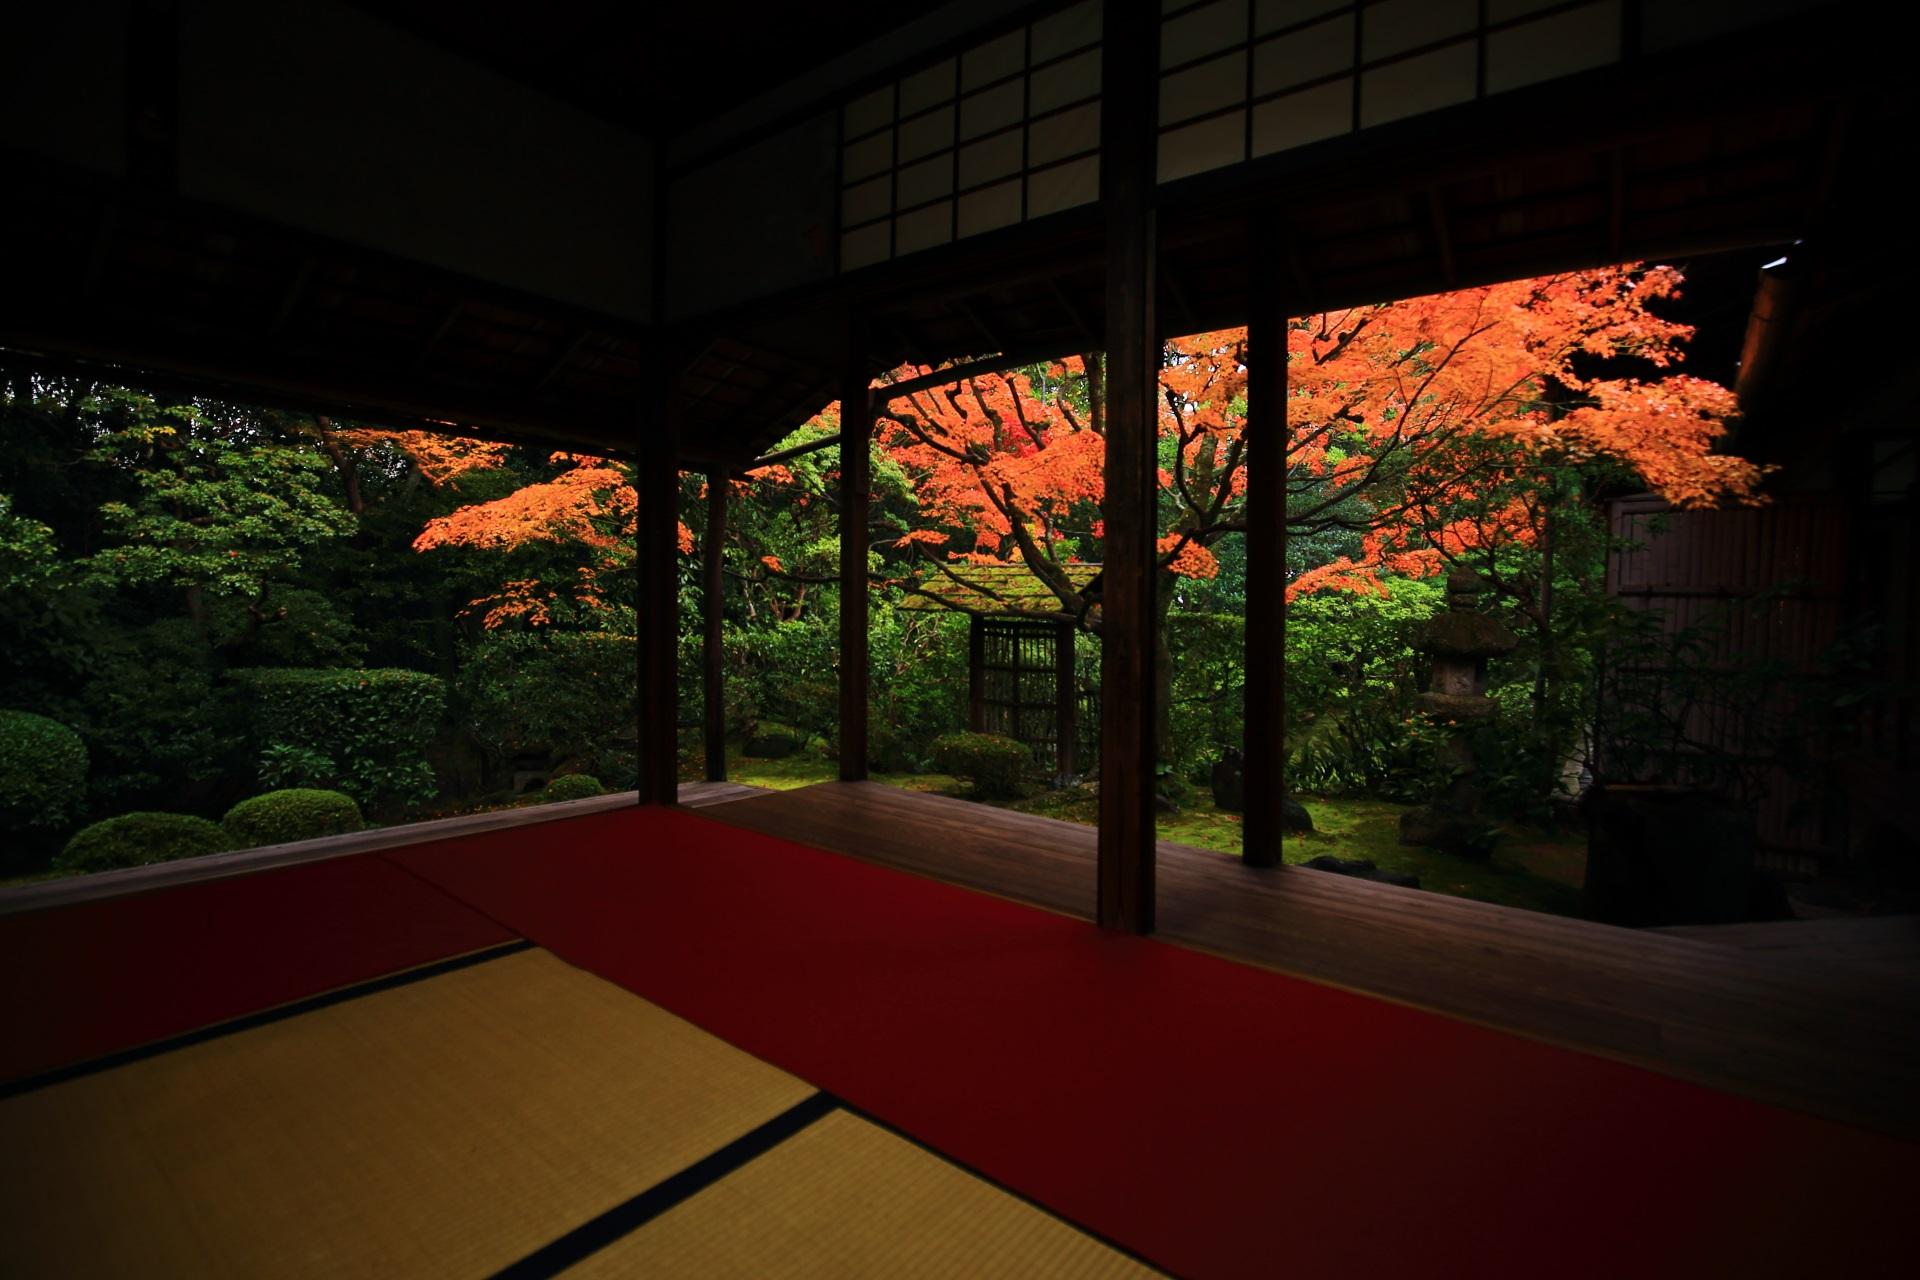 桂春院の風情ある紅葉と秋色の庭園や情景